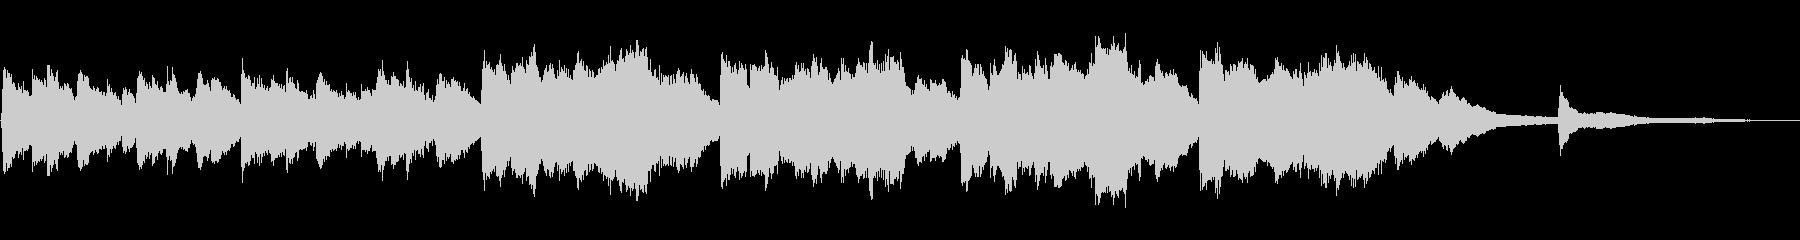 【30秒】朝焼けイメージのシンプルBGMの未再生の波形